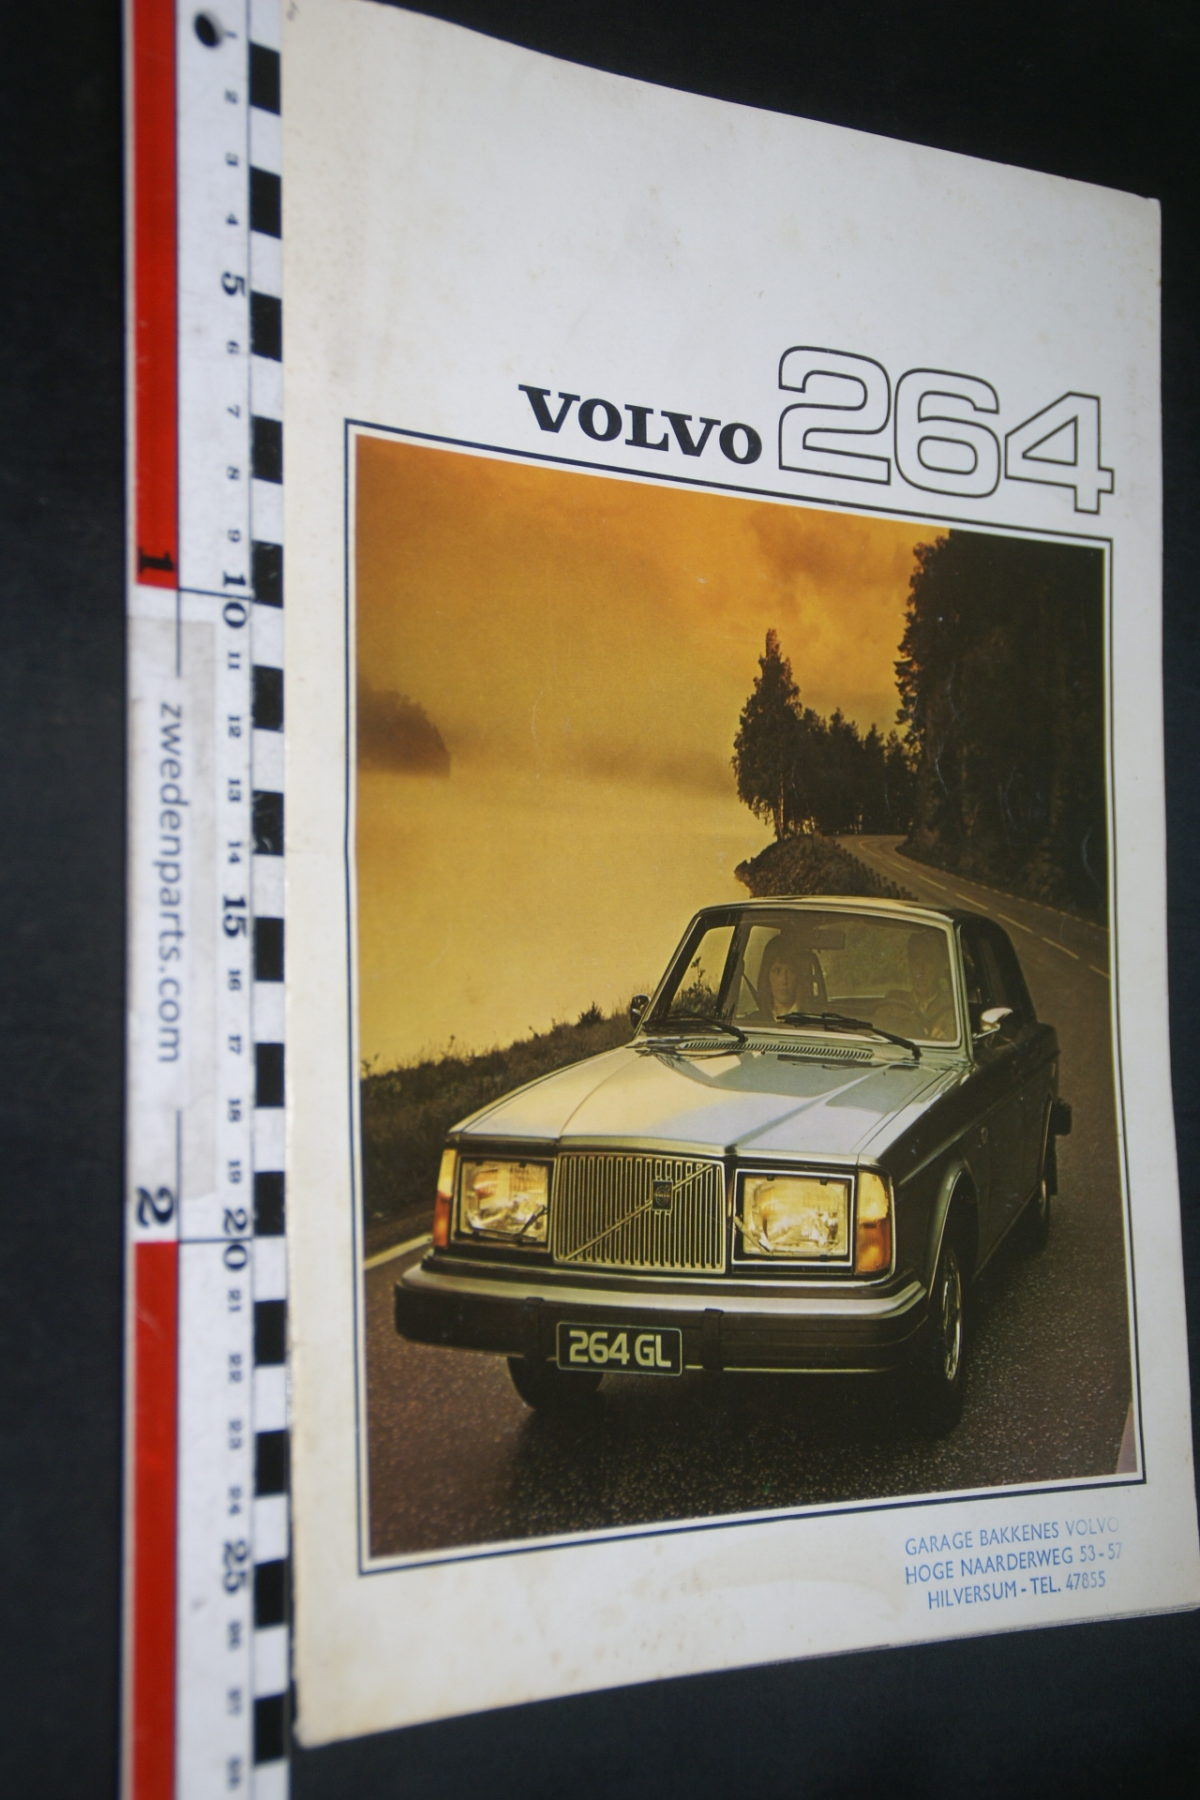 DSC07980 1976 brochure Volvo 264 nr RSPPV 2700-2